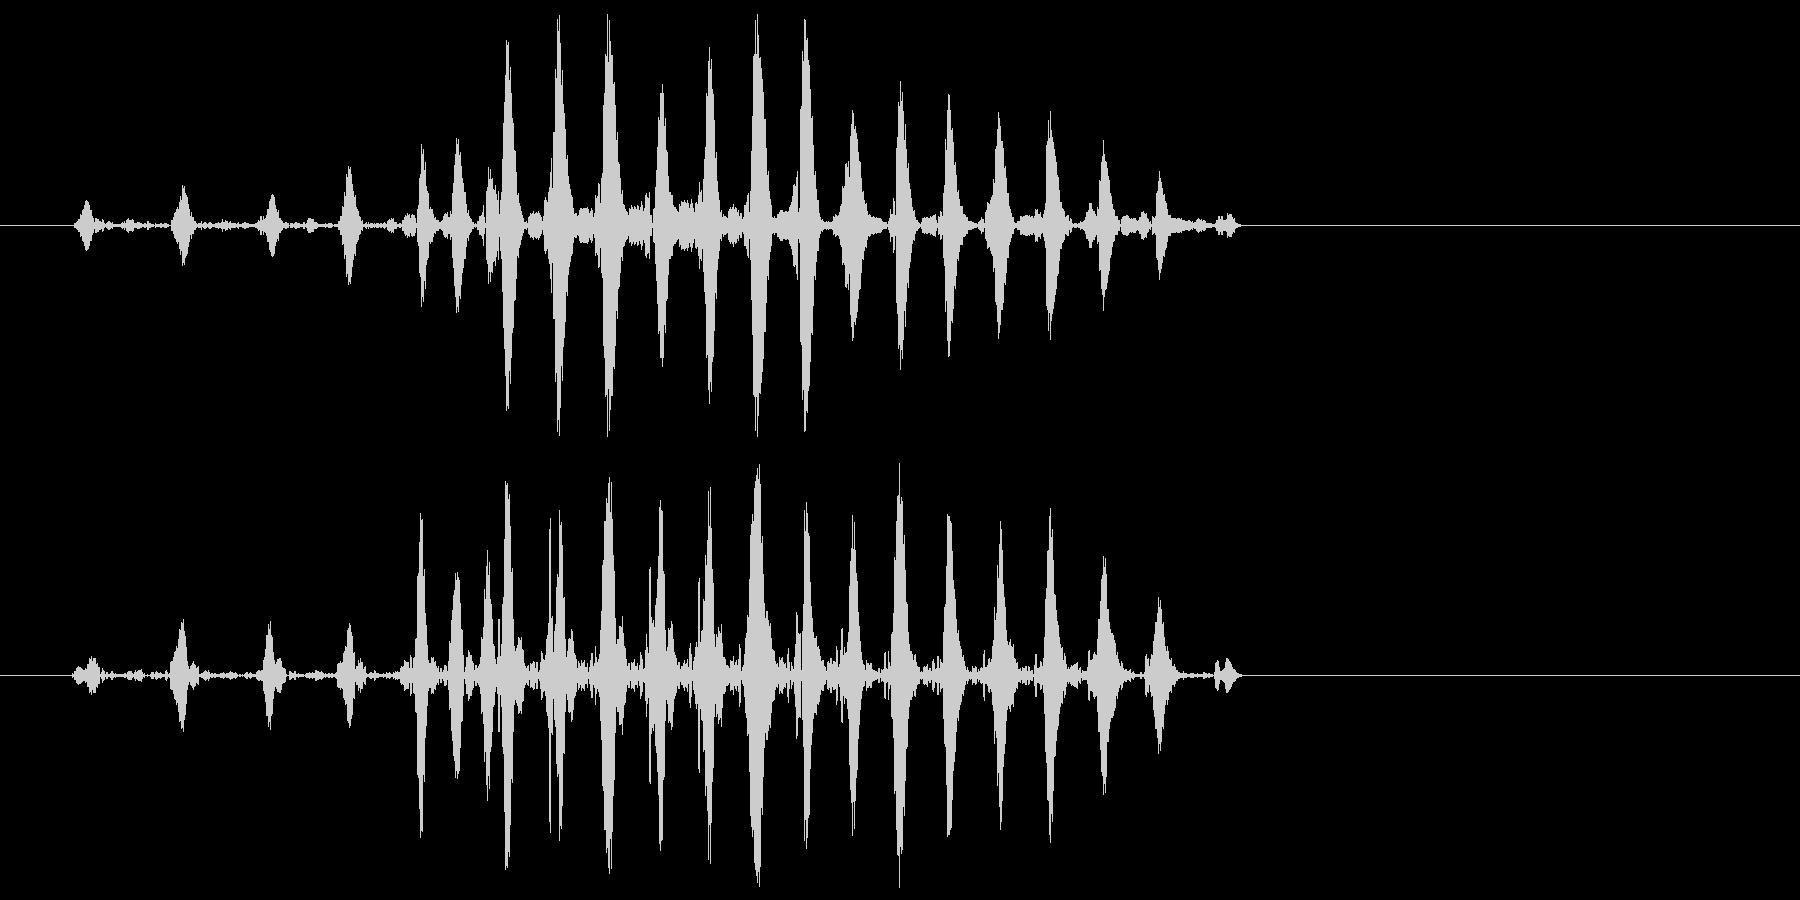 ガッ(アヒルや鴨などが鳴いたような音)の未再生の波形